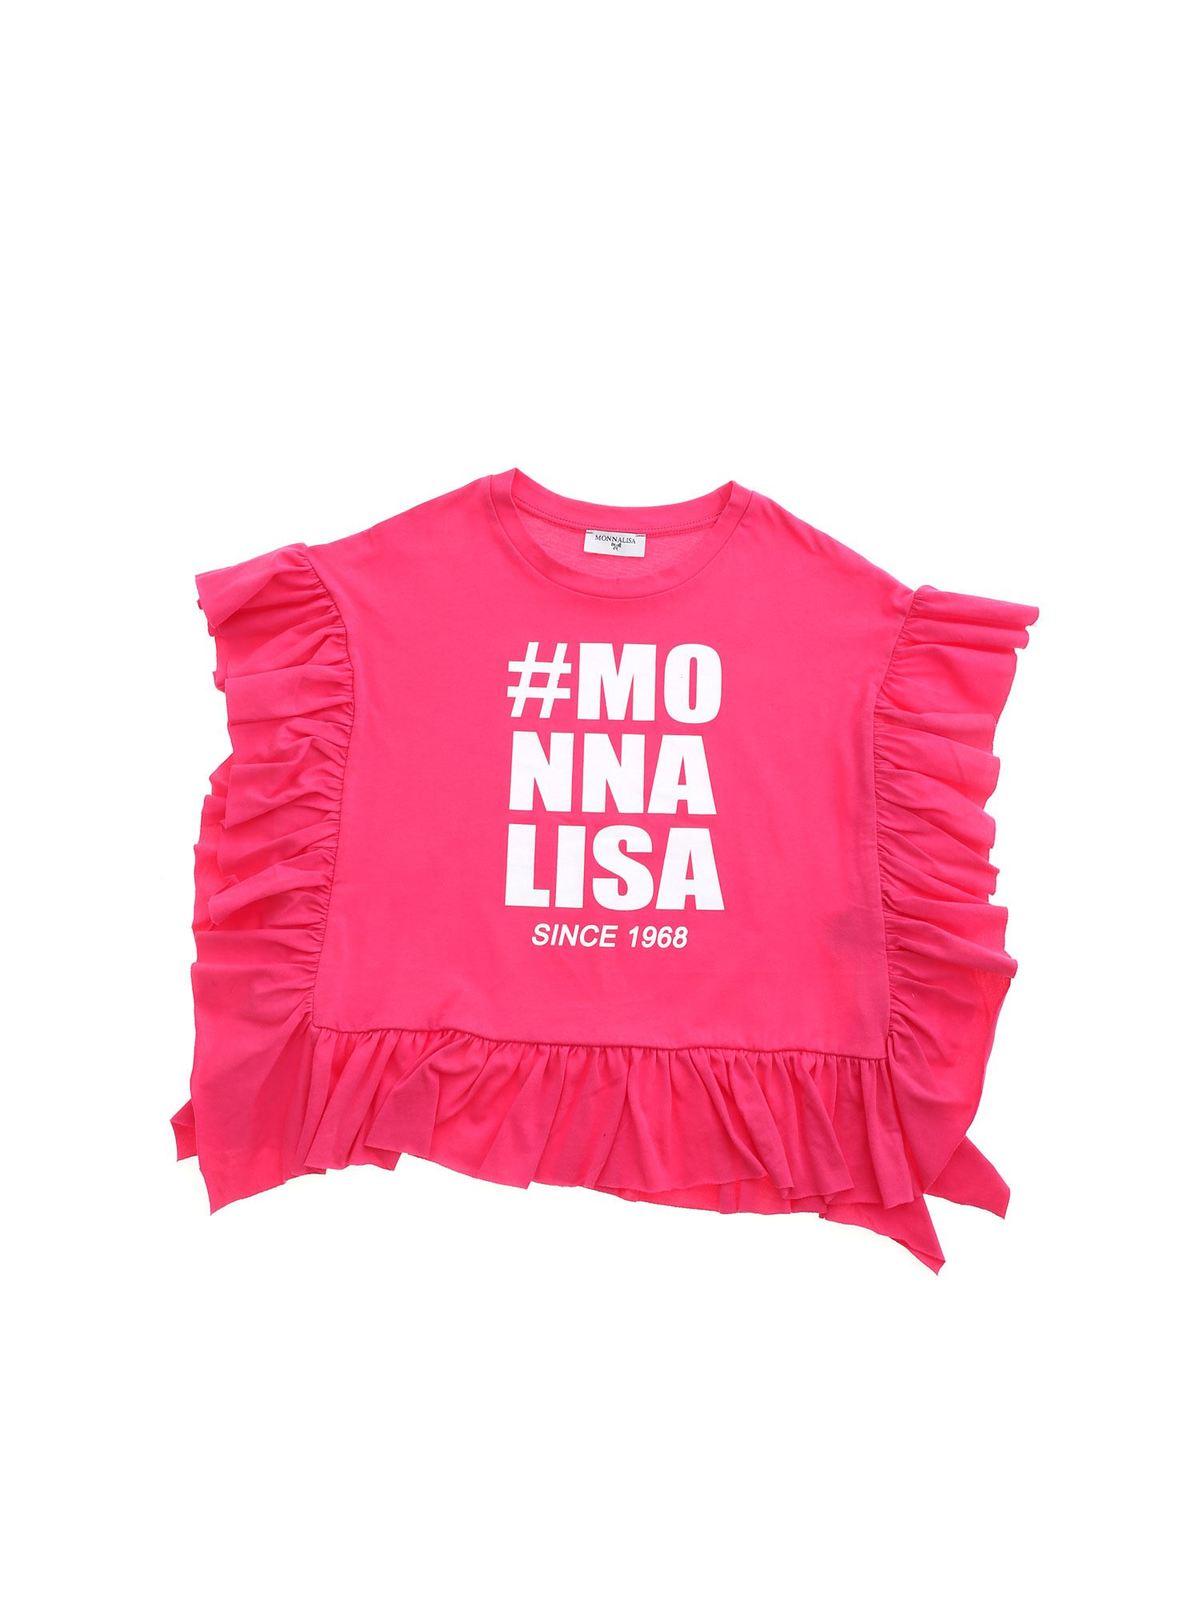 Monnalisa RUFFLES T-SHIRT IN FUCHSIA